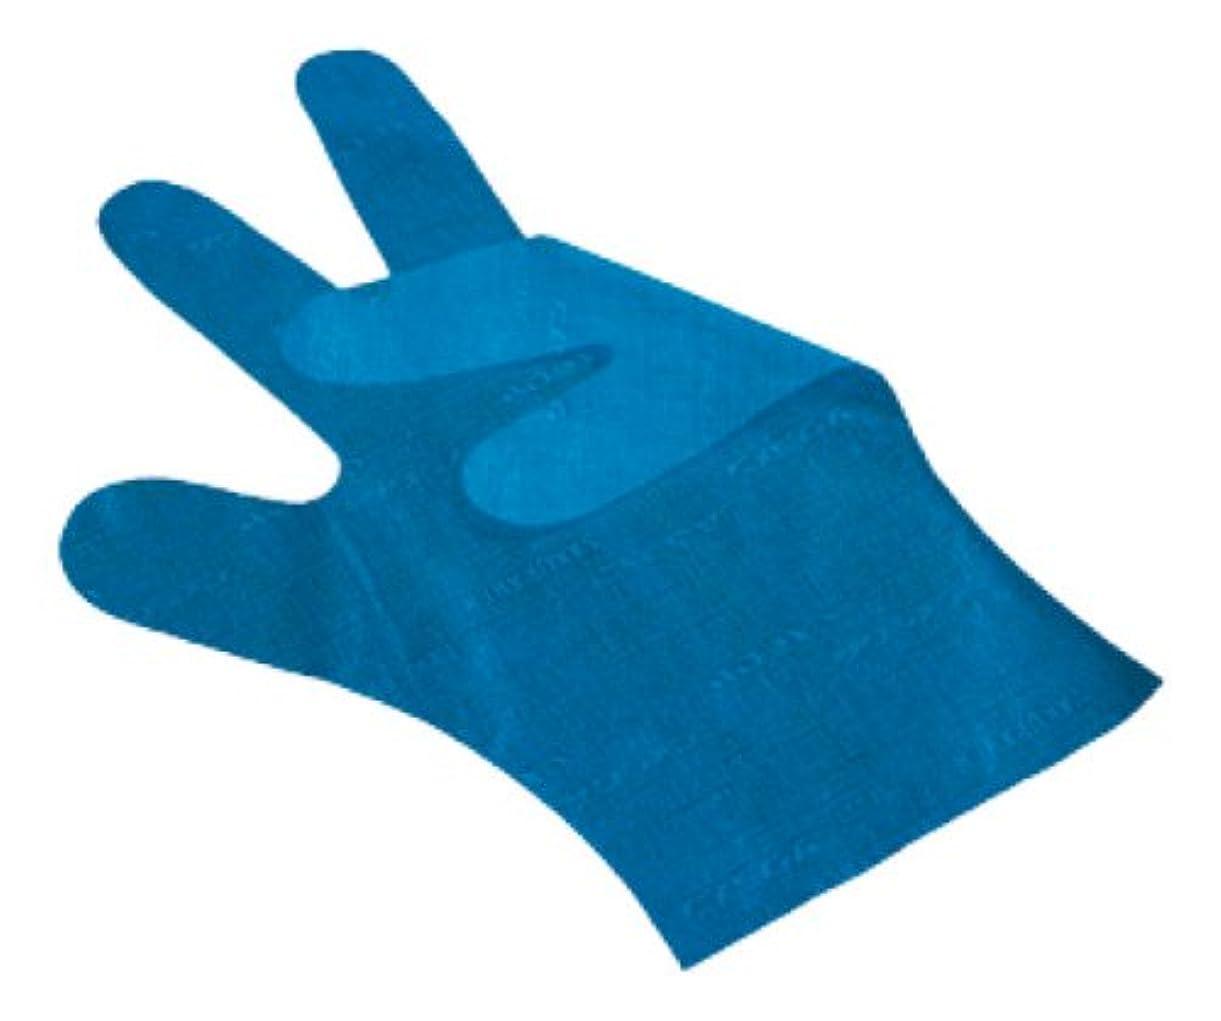 始める何もないモーターサクラメン手袋 デラックス(100枚入)S ブルー 35μ